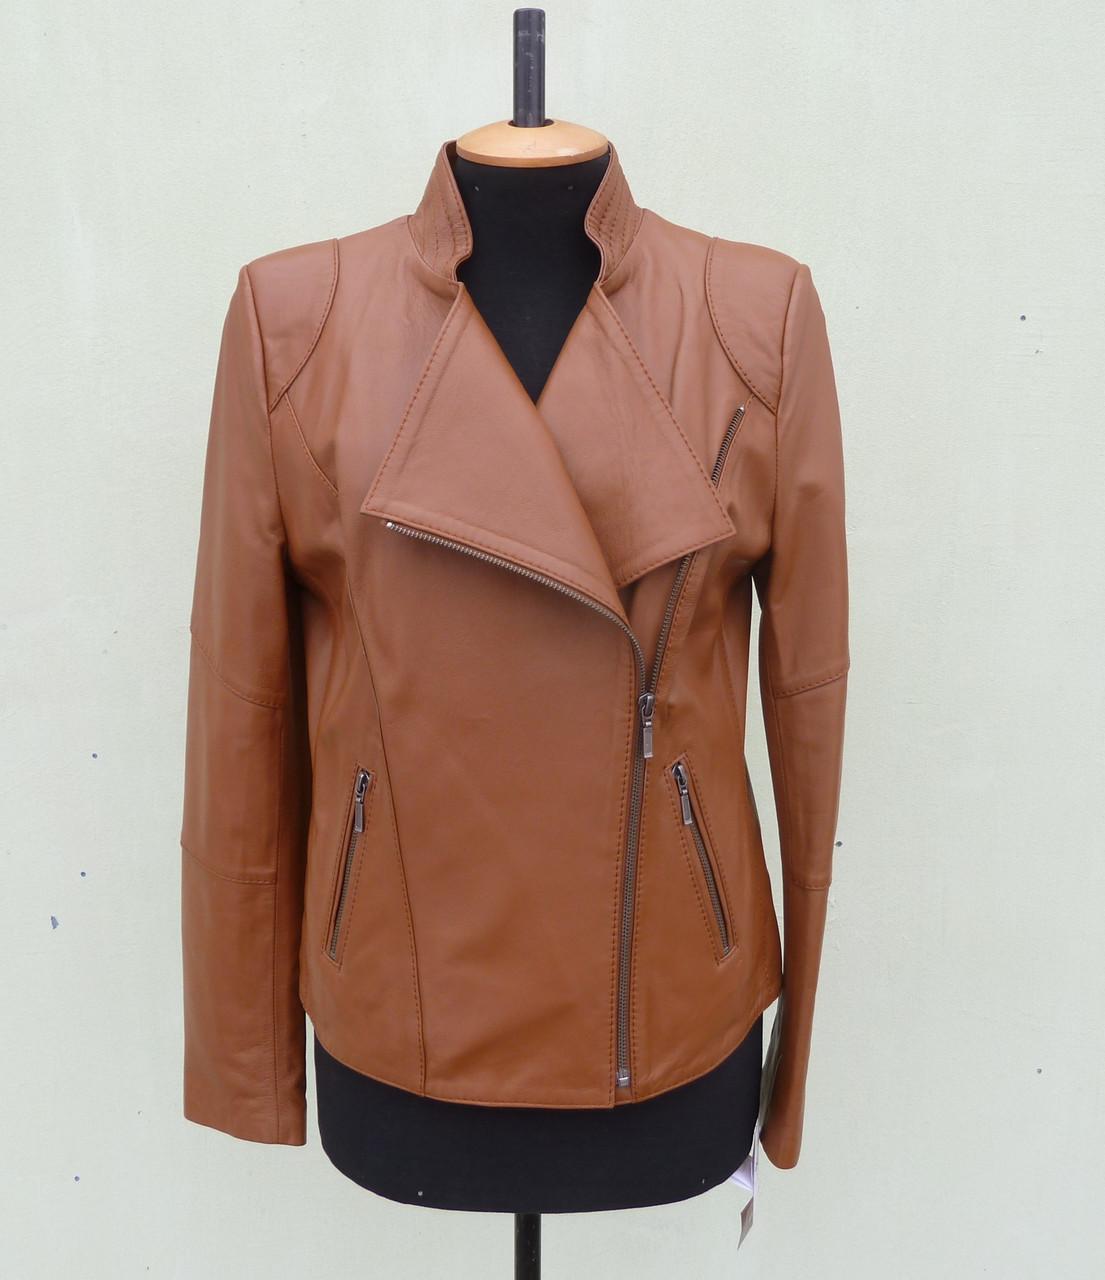 Куртка косуха кожаная женская RAPIRA виски, размер S